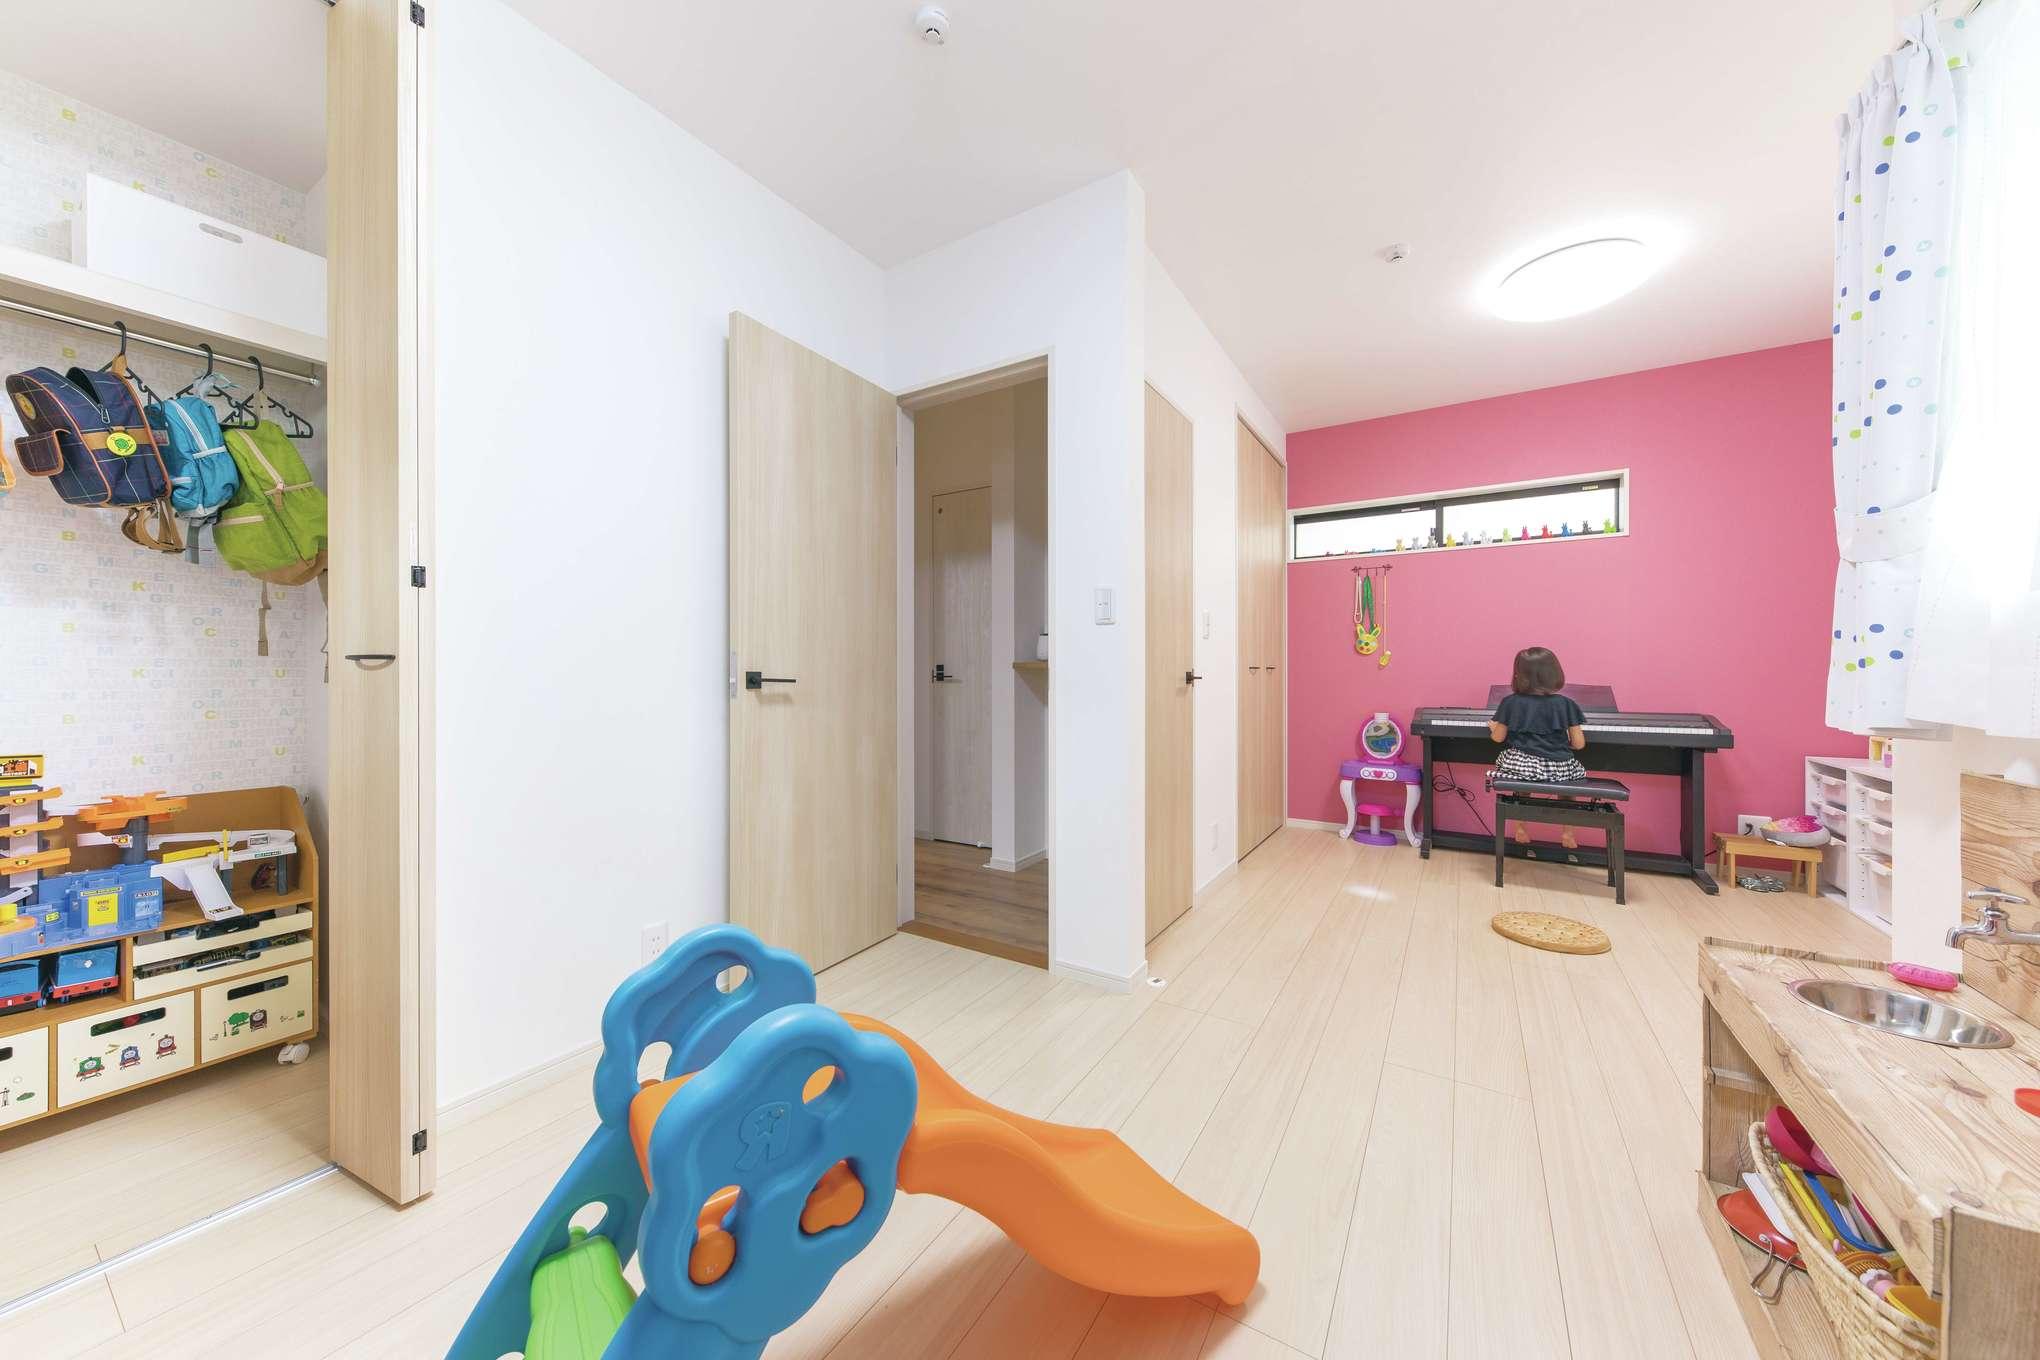 甲静ハウジング【子育て、収納力、狭小住宅】将来は2部屋に分けられる子ども部屋。男女でクロスの色分けをし、クローゼット内はかわいい柄モノに